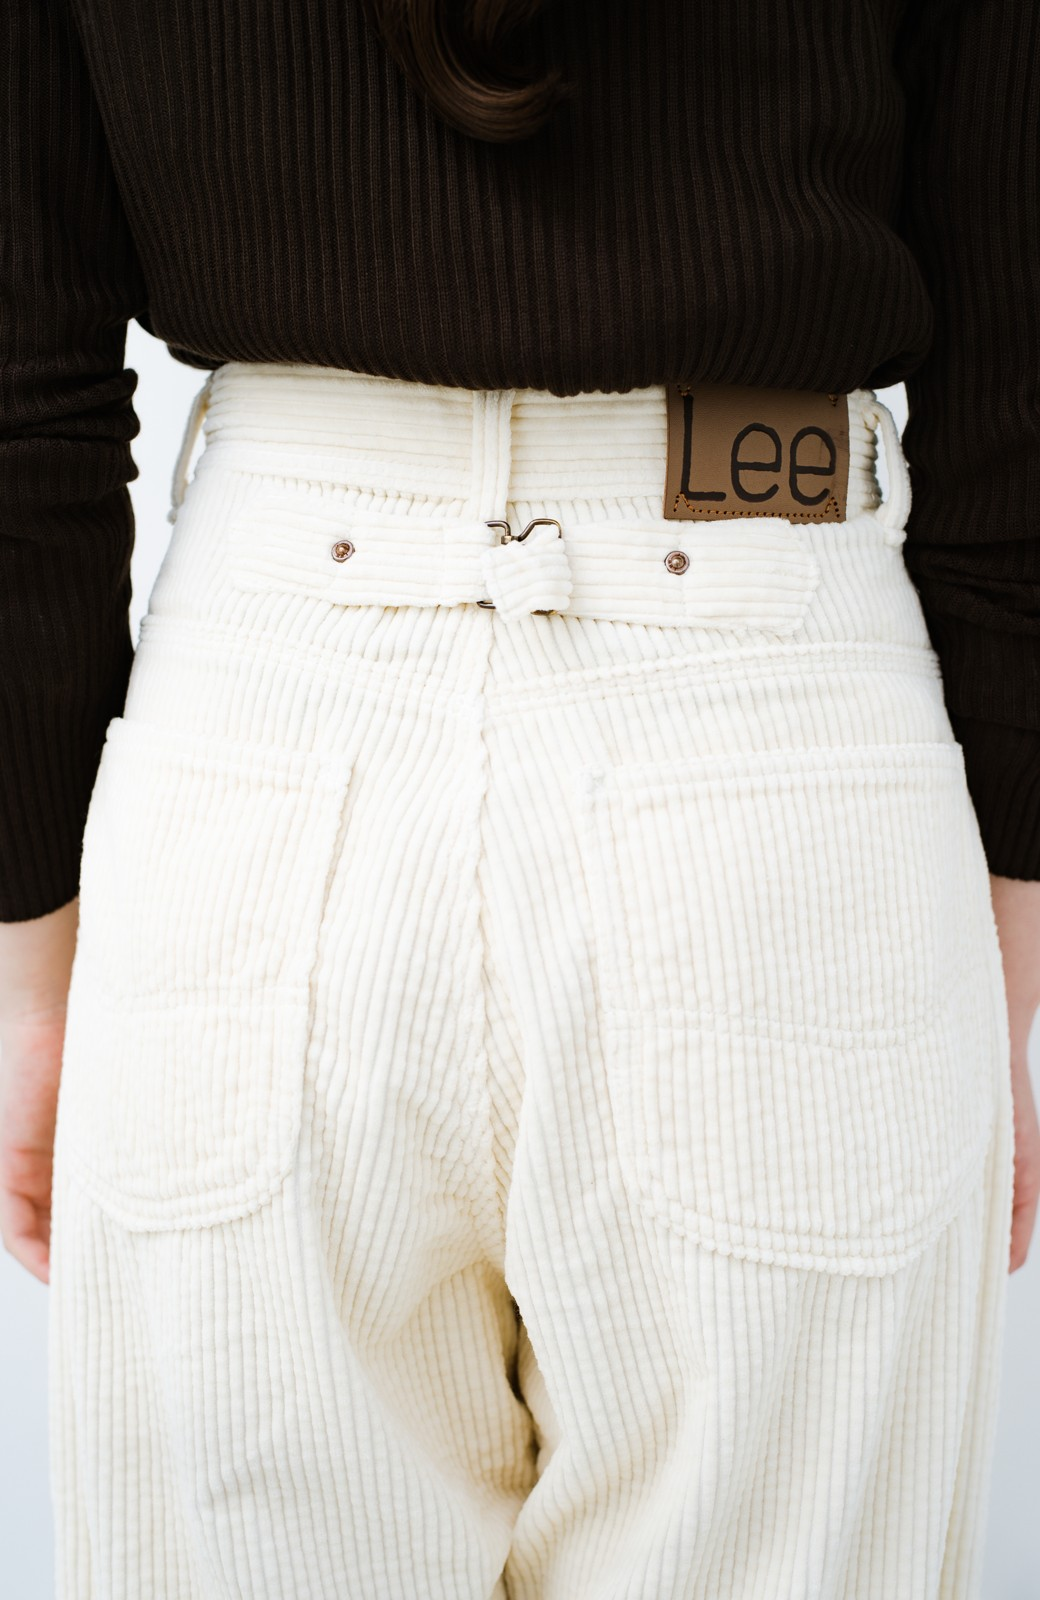 haco! LadyLee ちょっぴりハイウエストのコーデュロイカウガールパンツ <アイボリー>の商品写真16